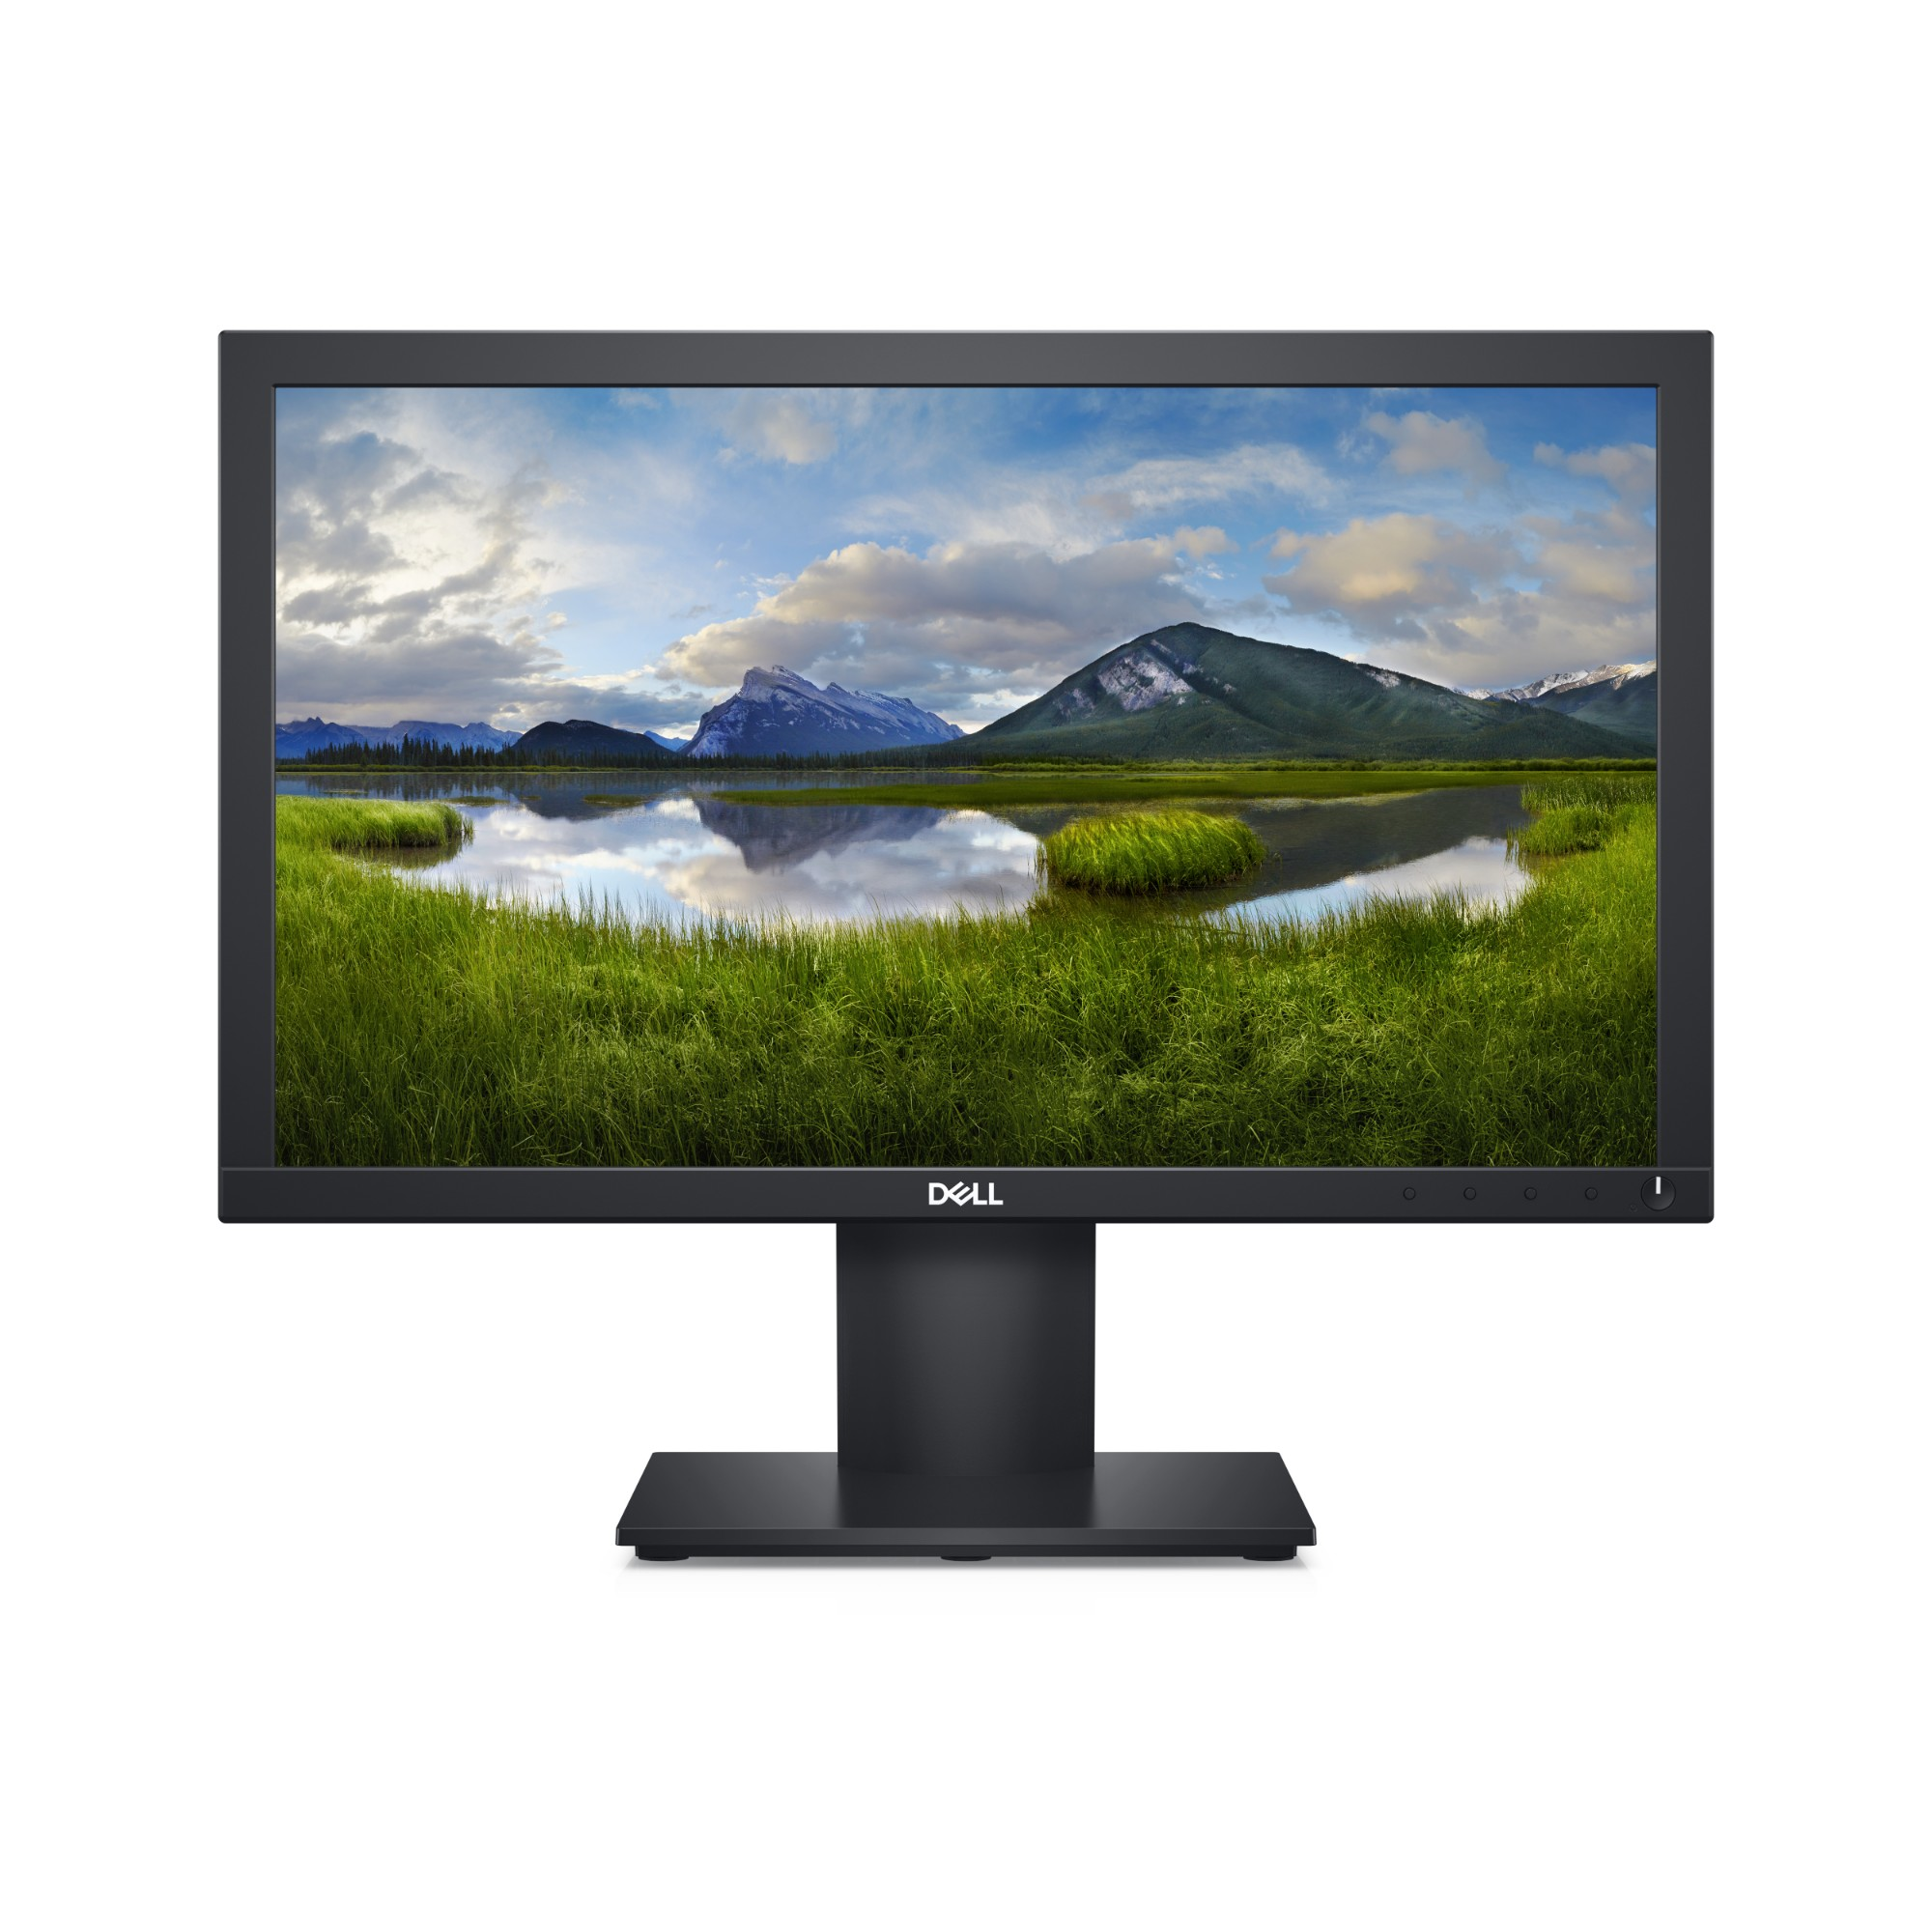 """DELL E Series E1920H 48.3 cm (19"""") 1366 x 768 pixels HD LCD Black"""